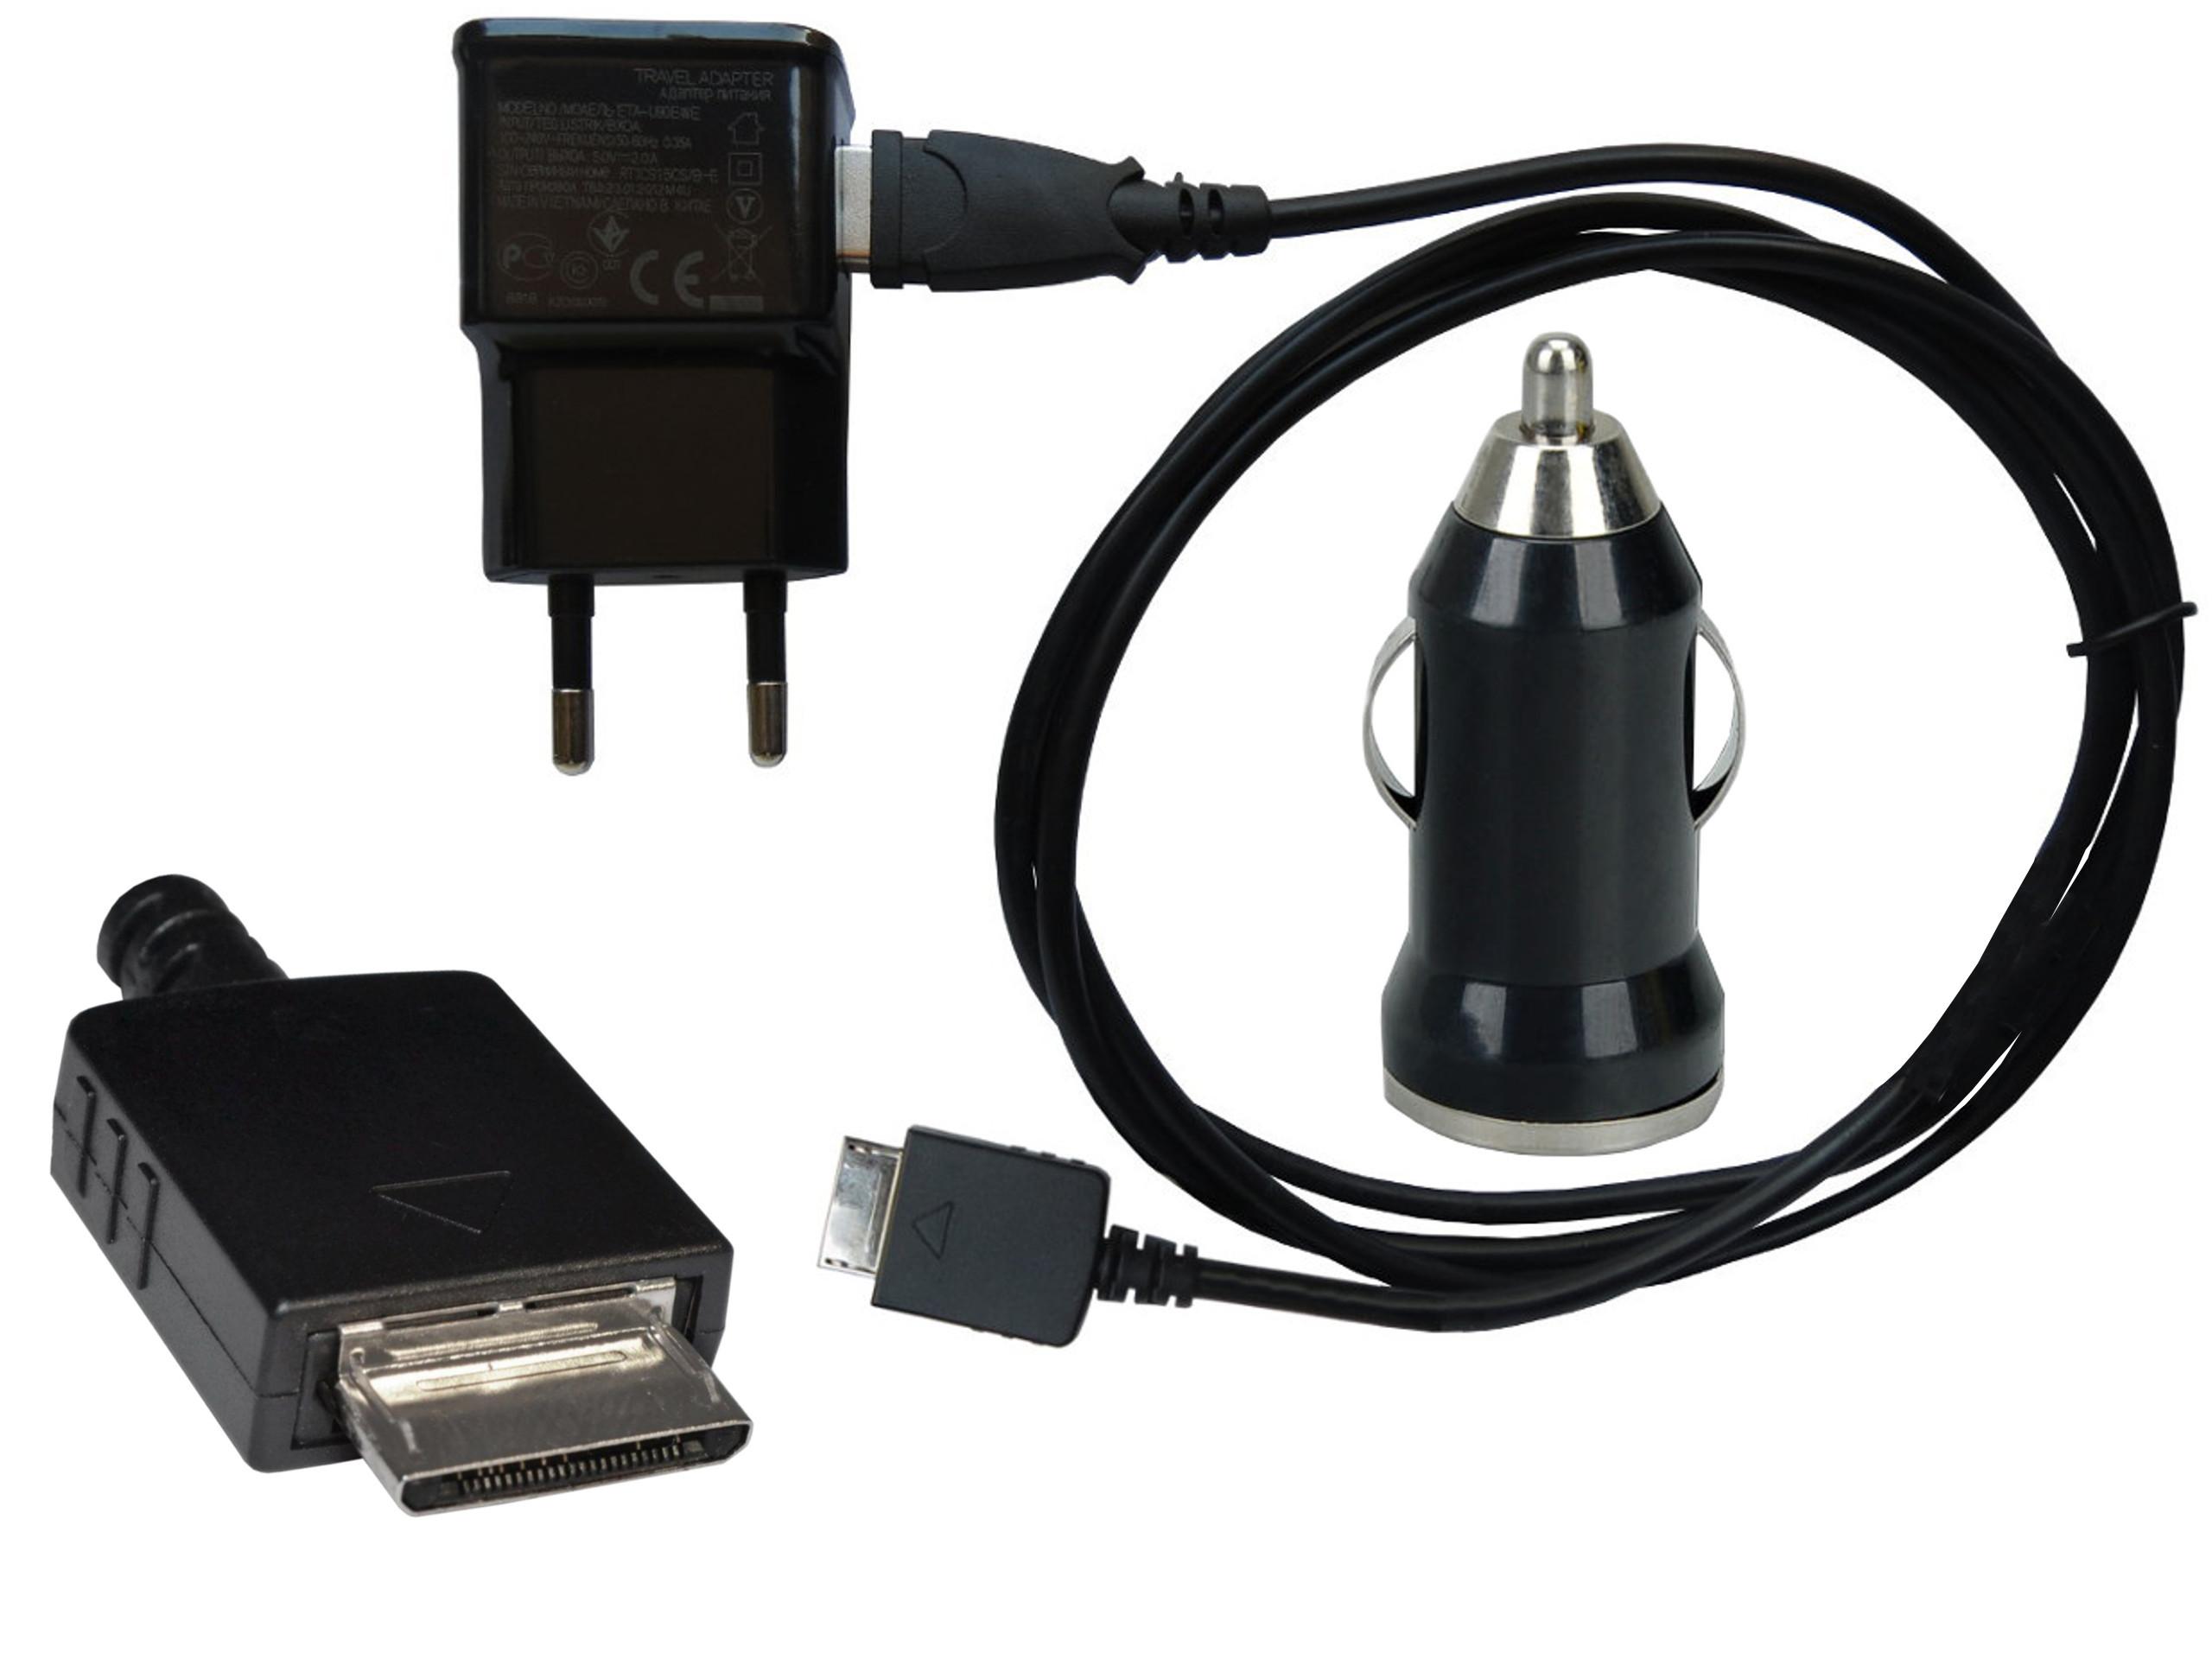 ŁADOWARKA SONY USB MP3 NWZ-E574 NWZ-S515 NWZ-S516